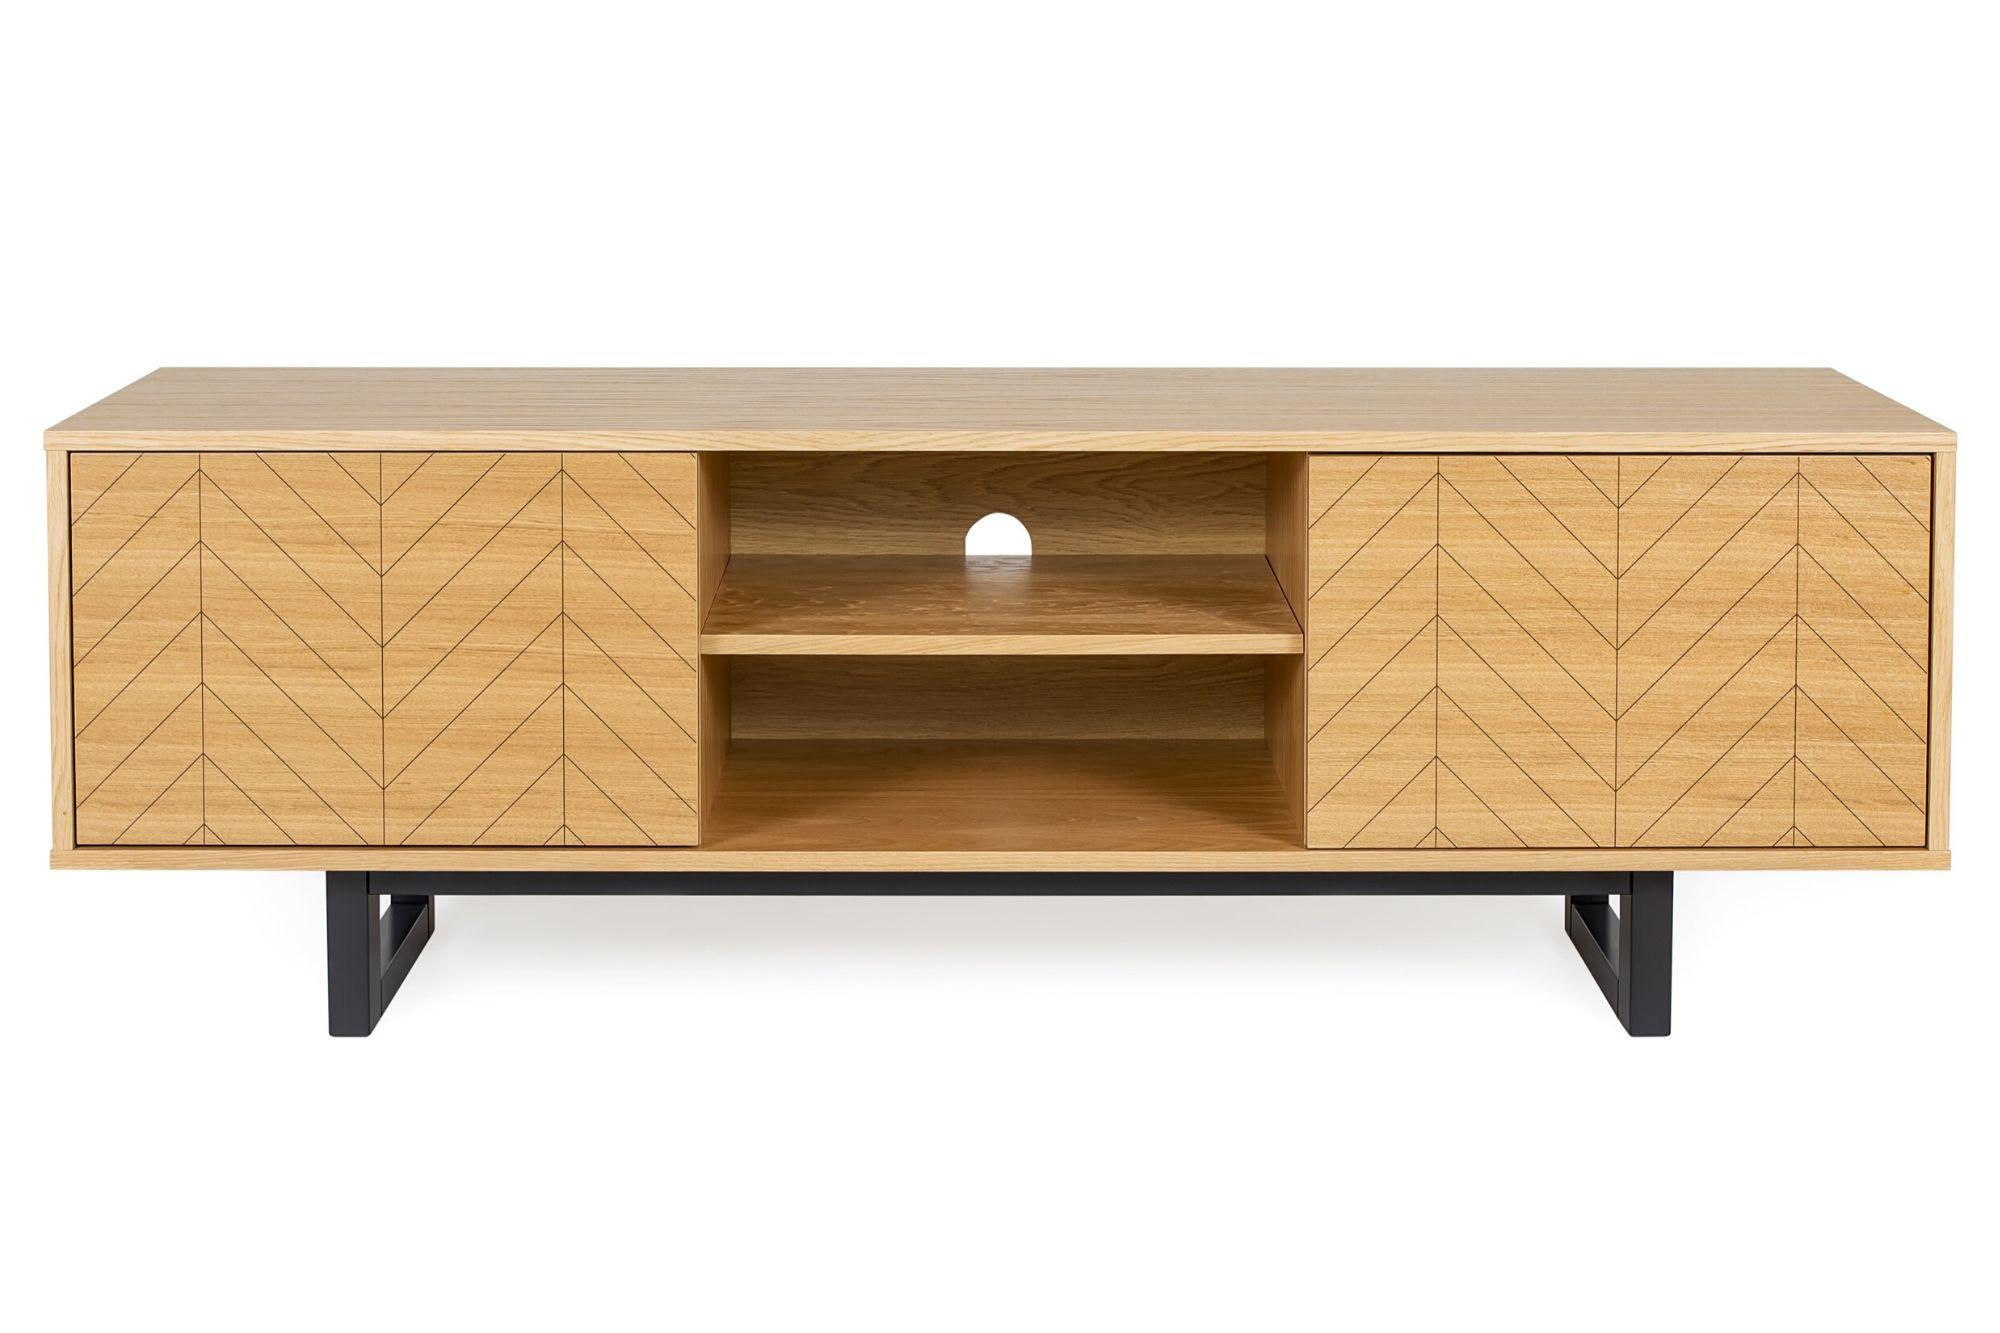 meuble tv bois clair et pietement noir style scandinave hellin